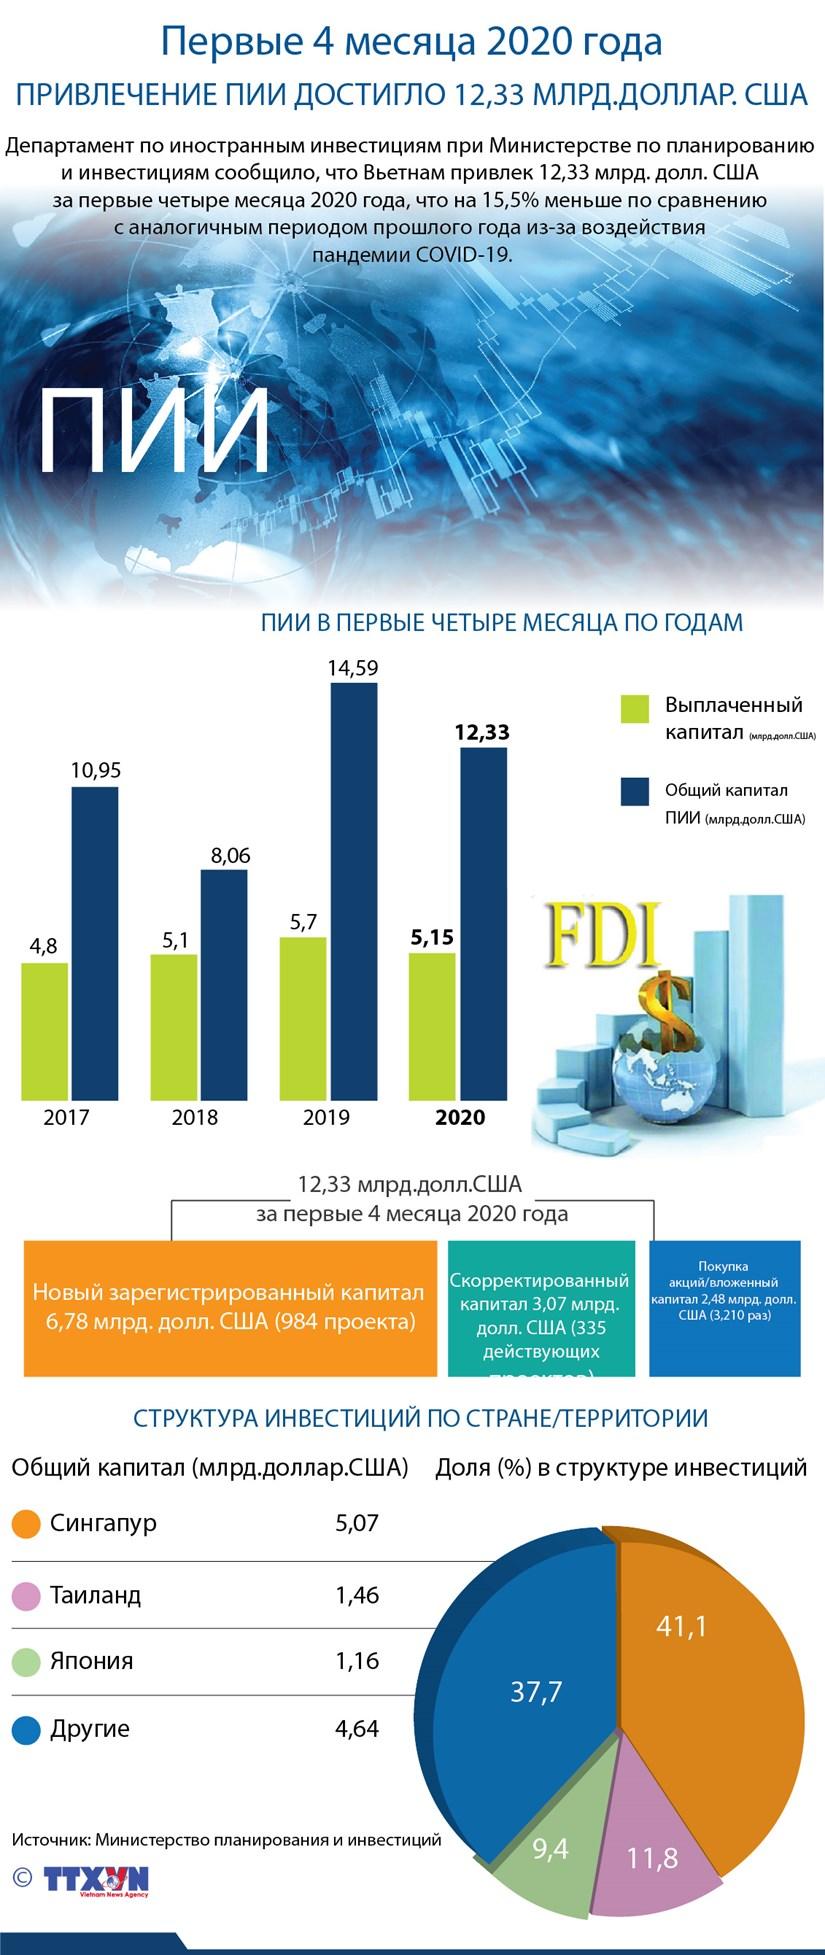 Первые 4 месяца 2020 года: привлечение ПИИ достигло 12,33 млрд. долларов США hinh anh 1